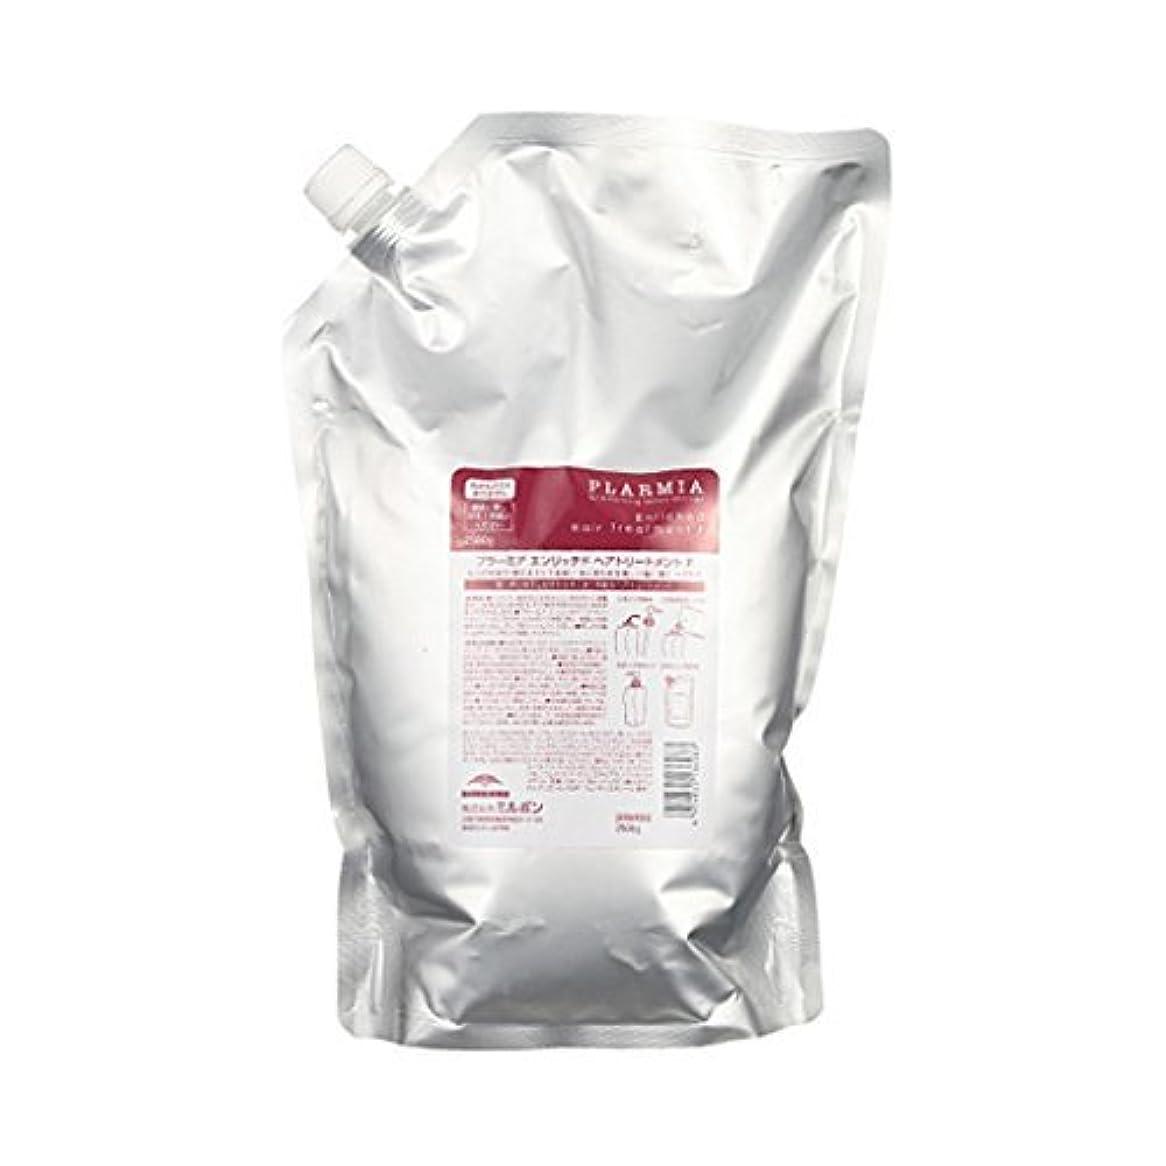 効果的操作診断するミルボン プラーミア エンリッチド トリートメントF (2500gパック) 詰替用